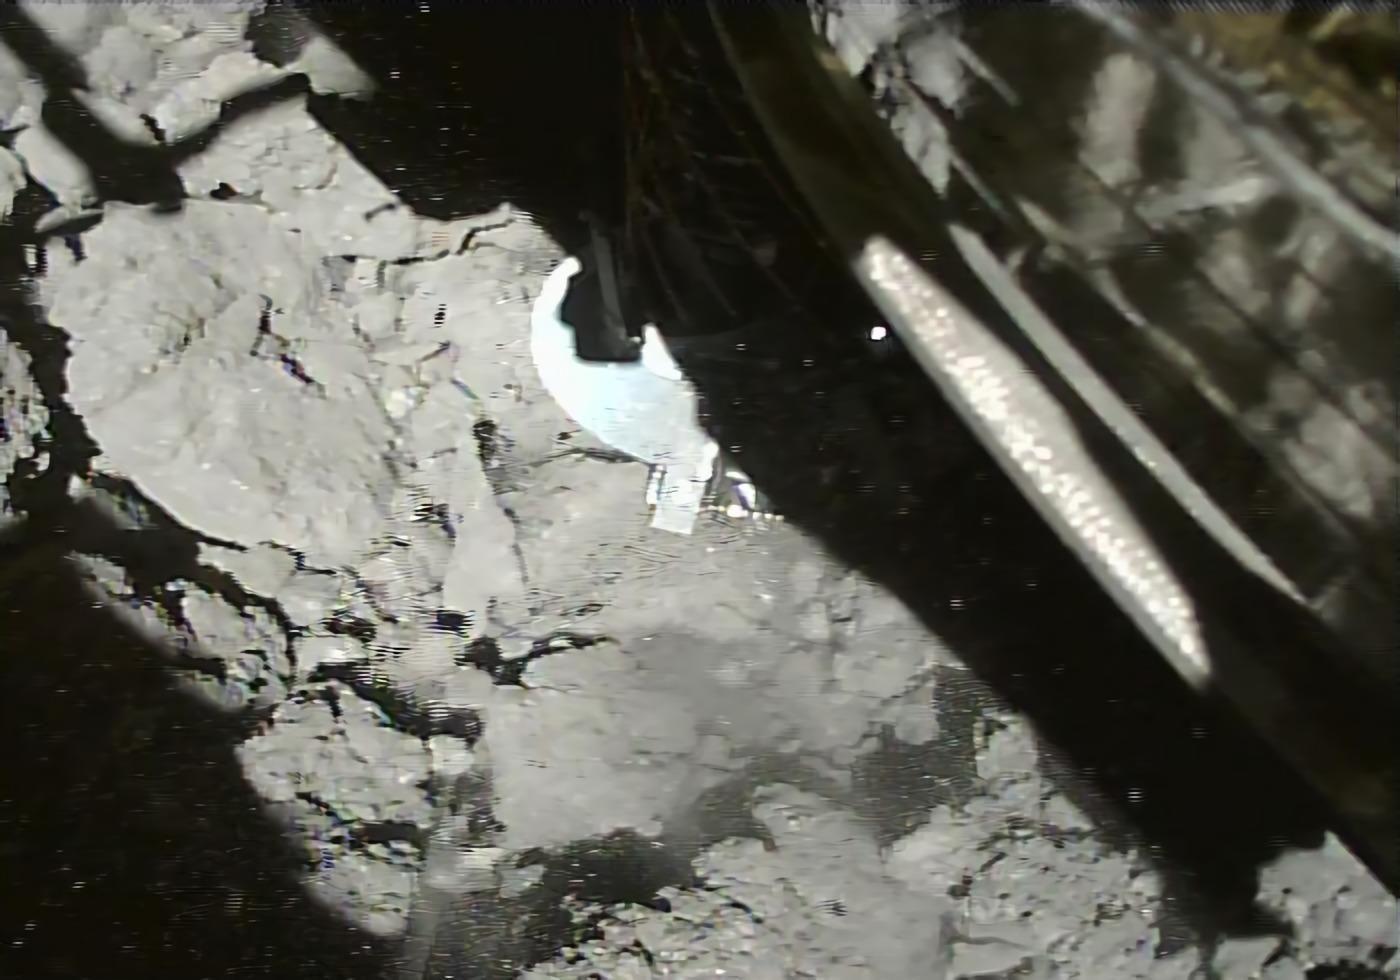 Imagem recebida nos primeiros quatro segundos após a aterrissagem da sonda Hayabusa-2 no asteroide Ryugu